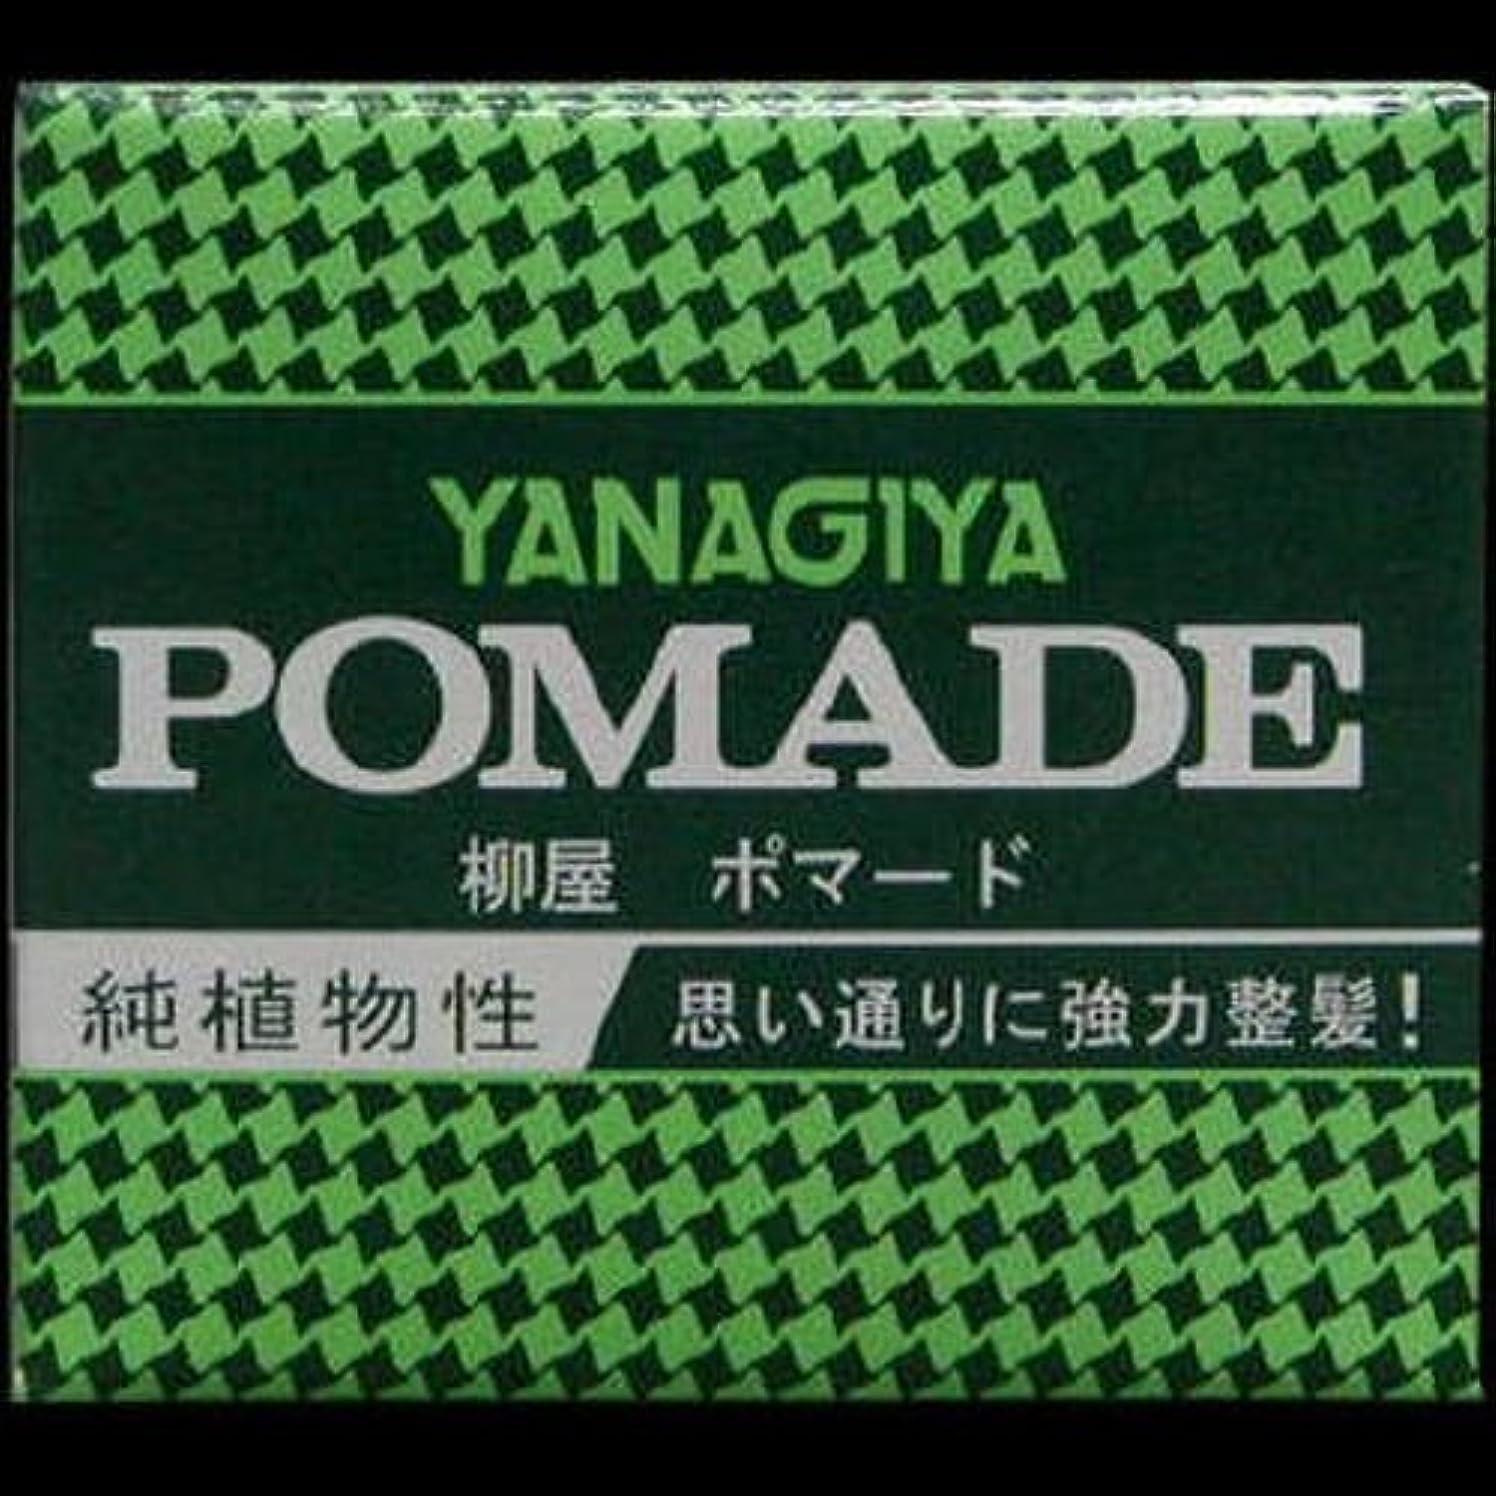 東方バスハイランド【まとめ買い】柳屋 ポマード小 63g ×2セット